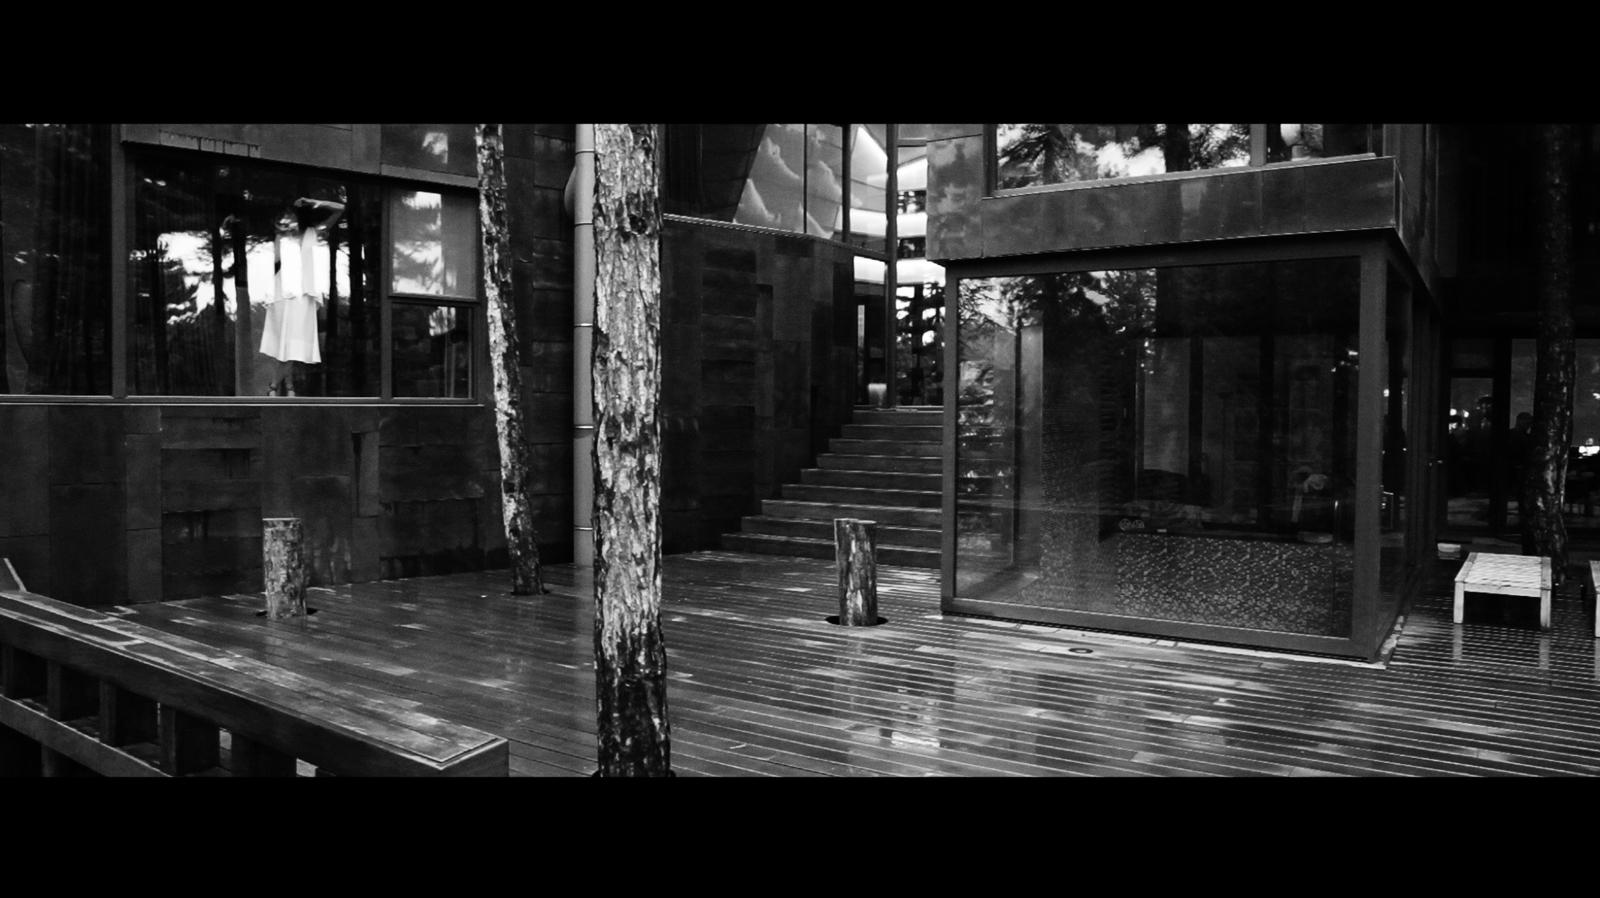 Maaike-Klaasen-Pablo-Curto-02